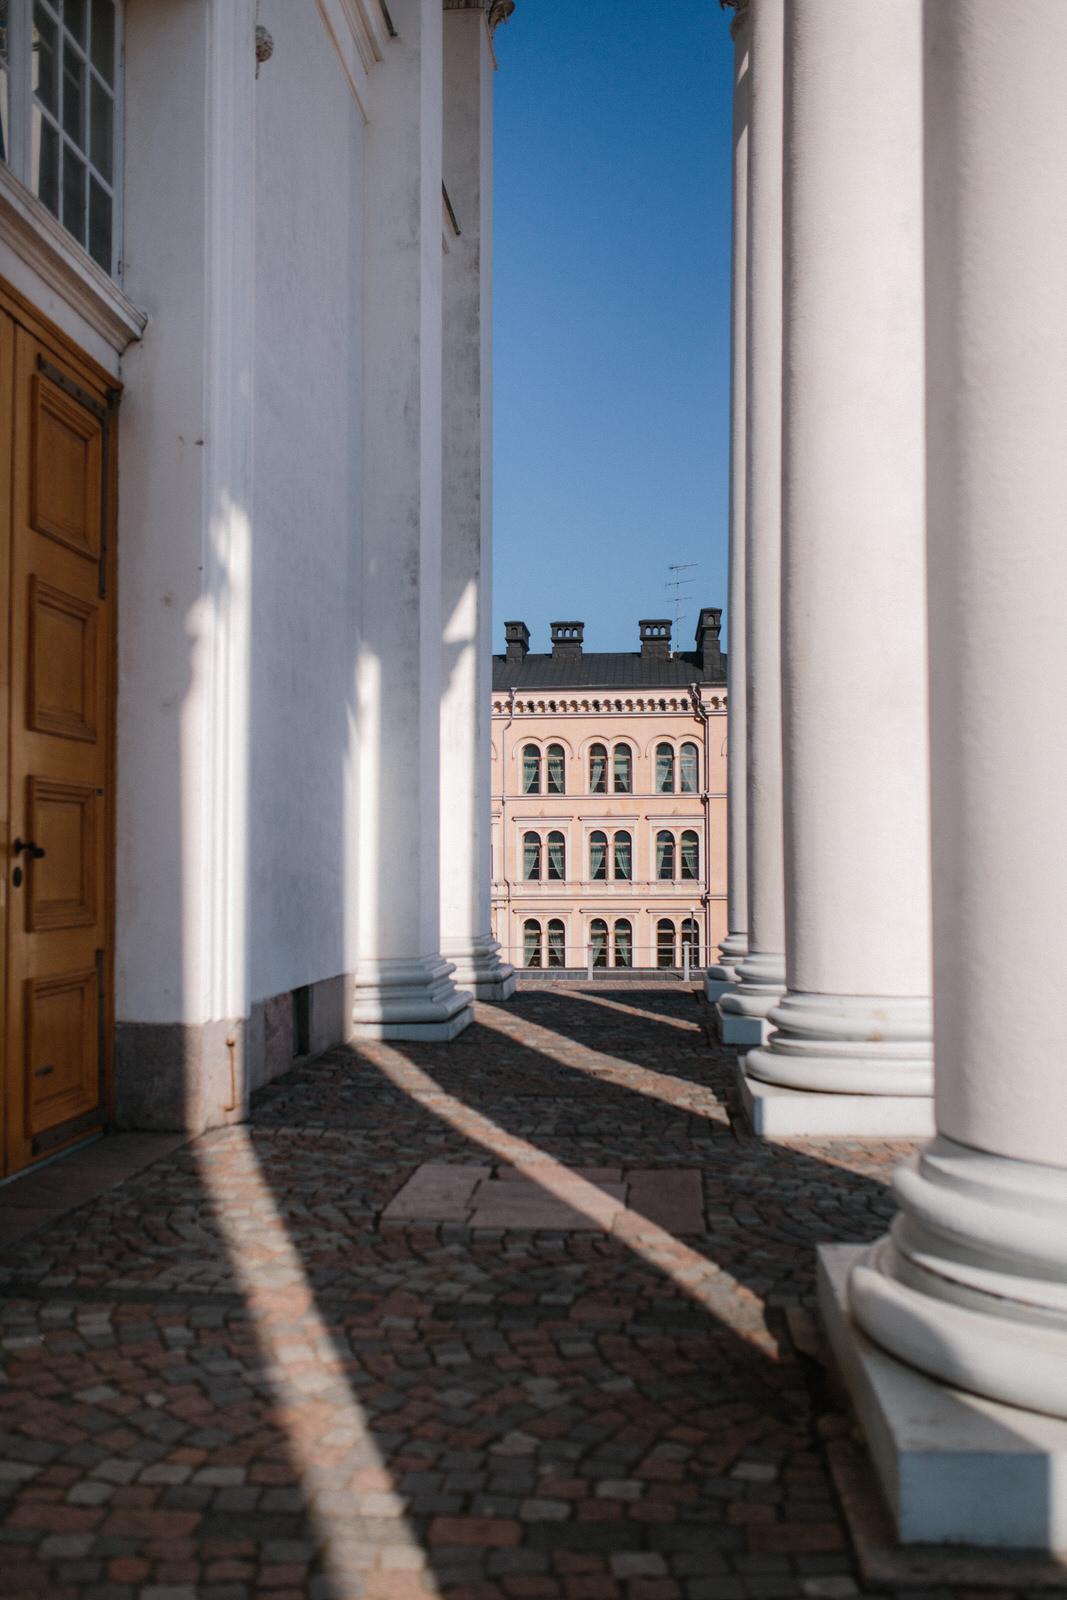 Helsinki_051418_0072.jpg